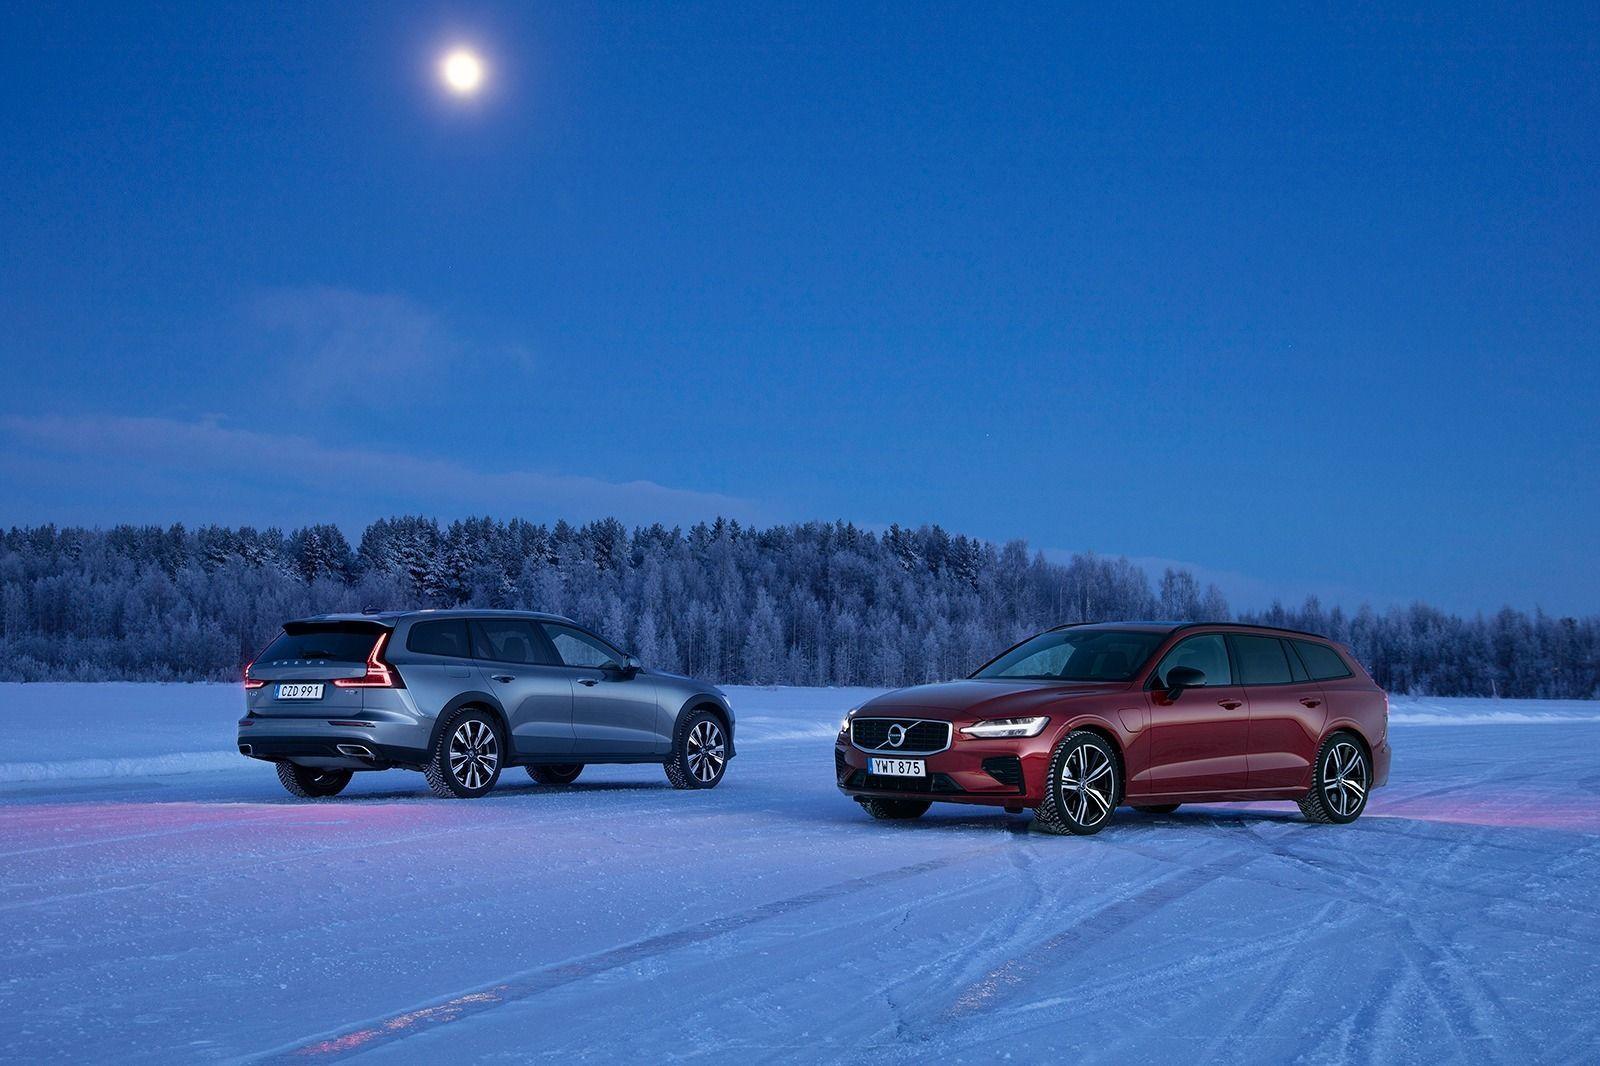 2020 Volvo V60 Cross Country Volvo V60 Volvo Cars Volvo